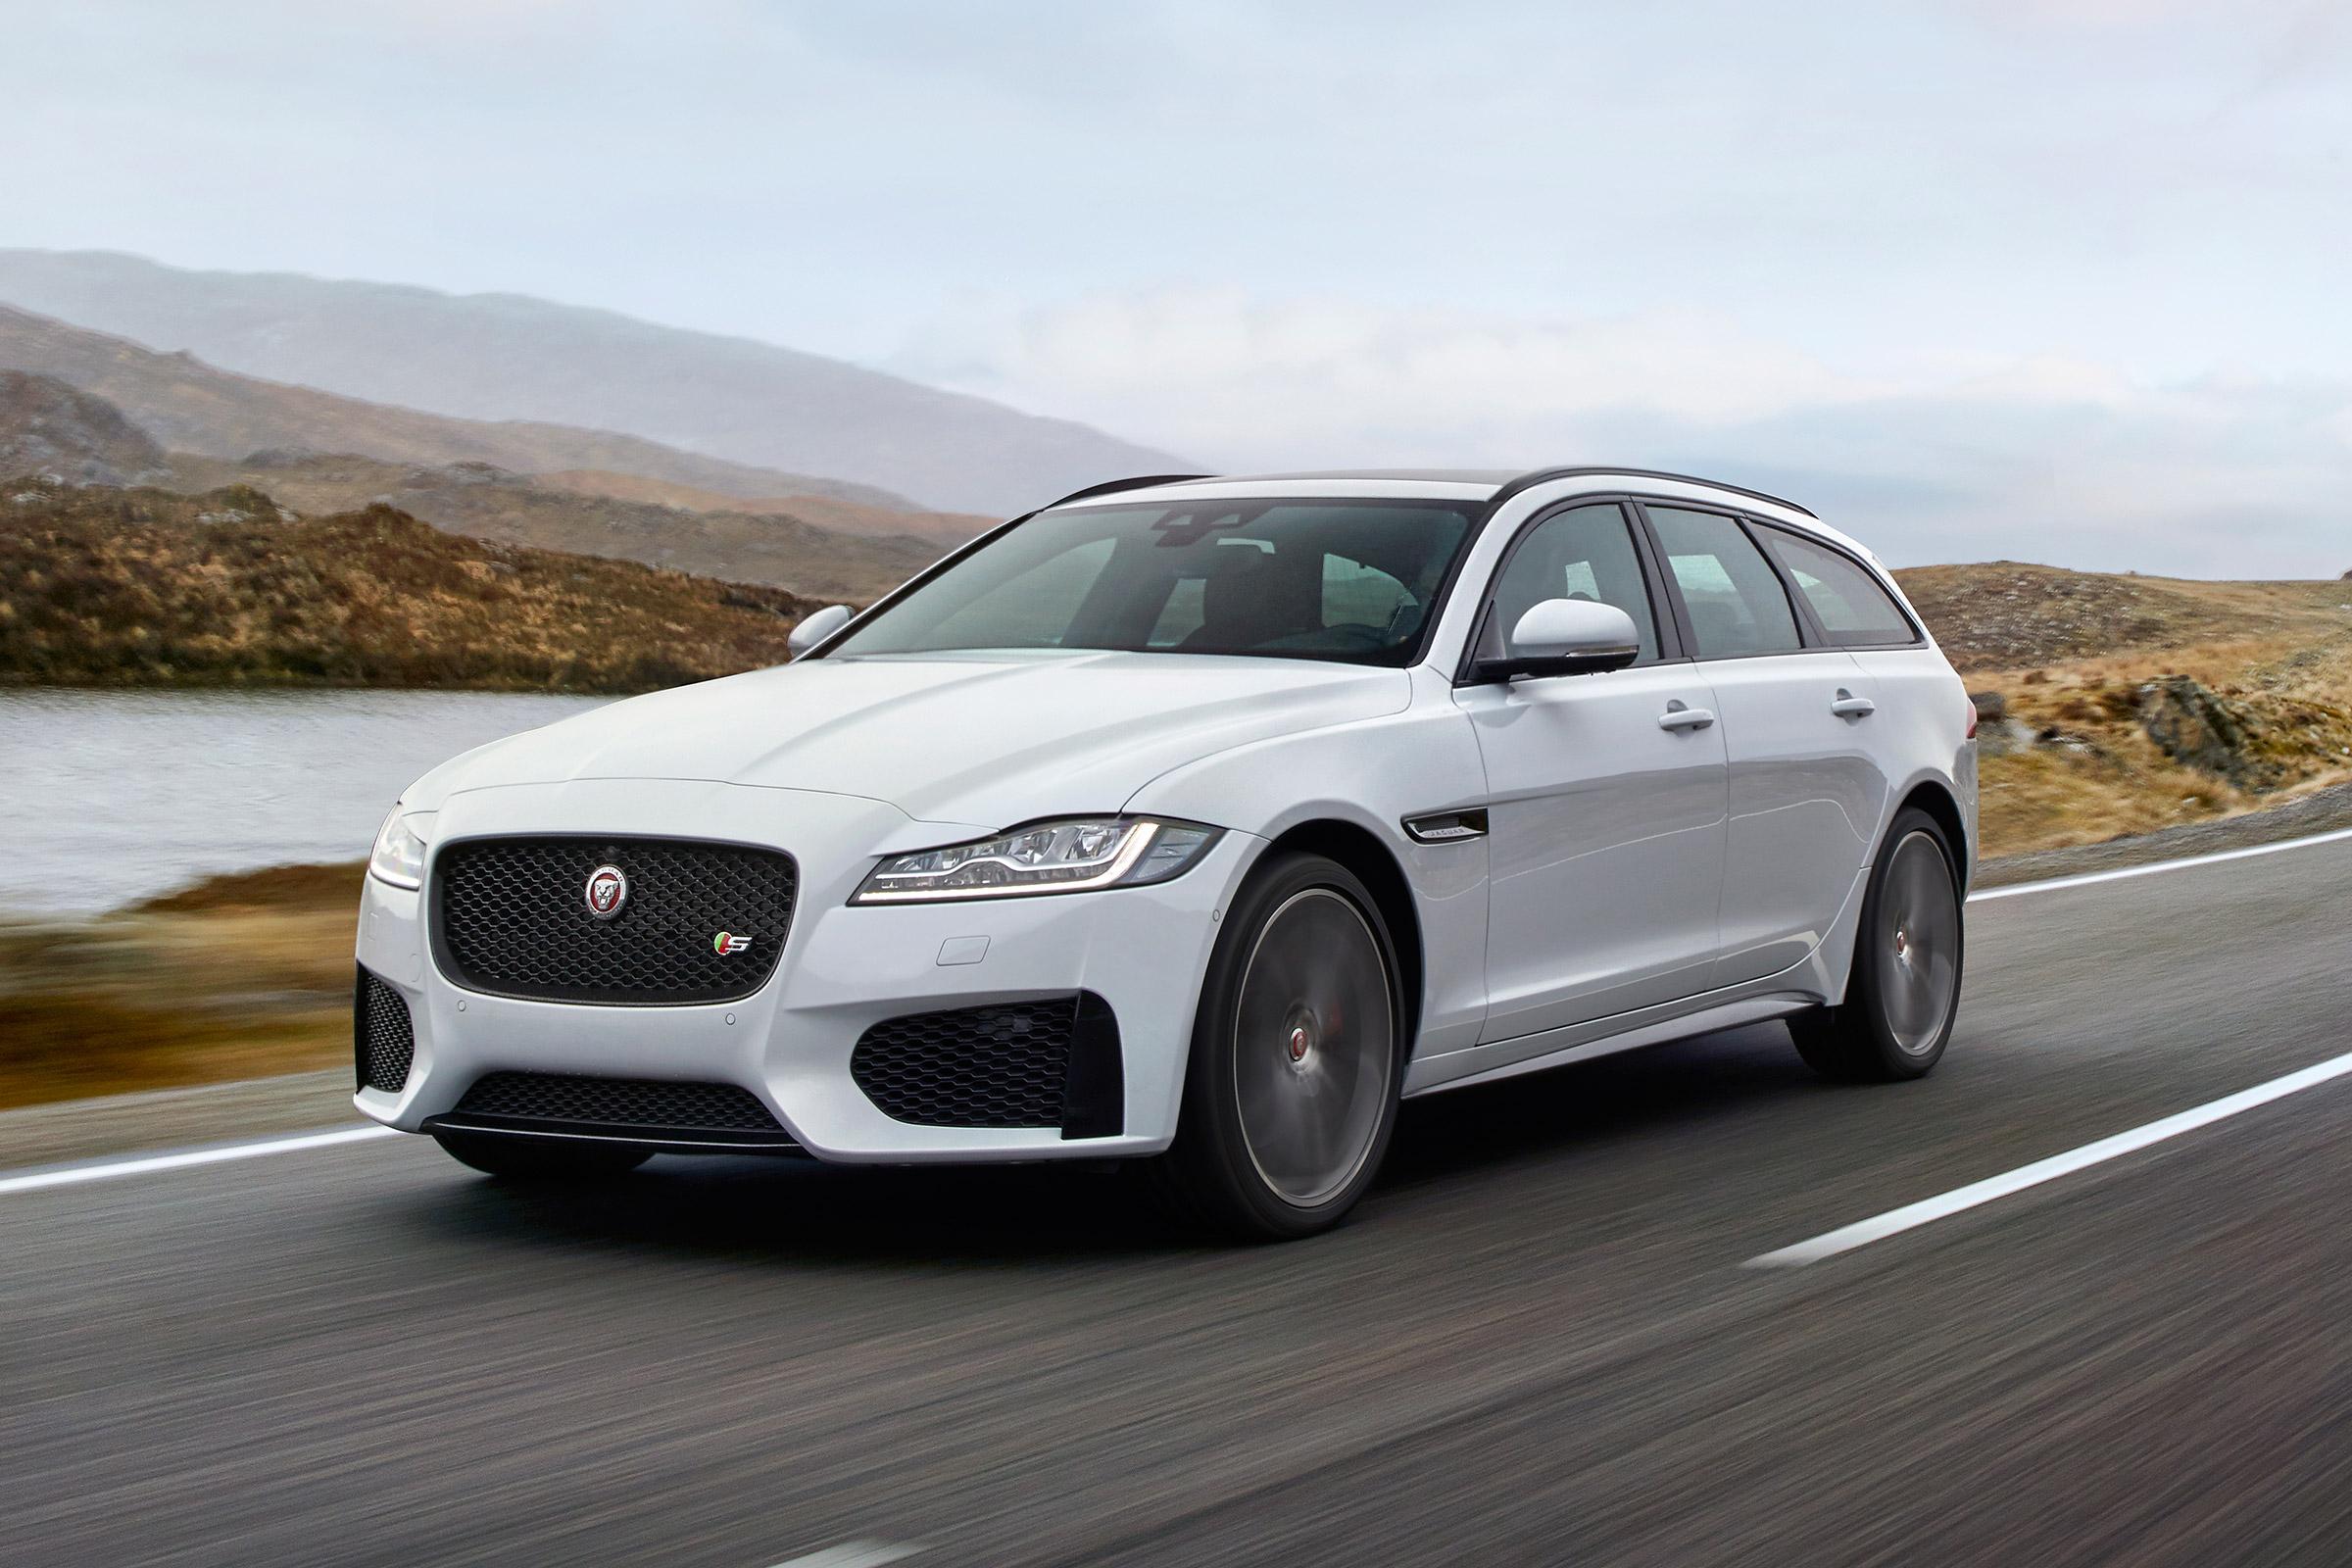 spy shots f prices type car jaguar size x coupe l image